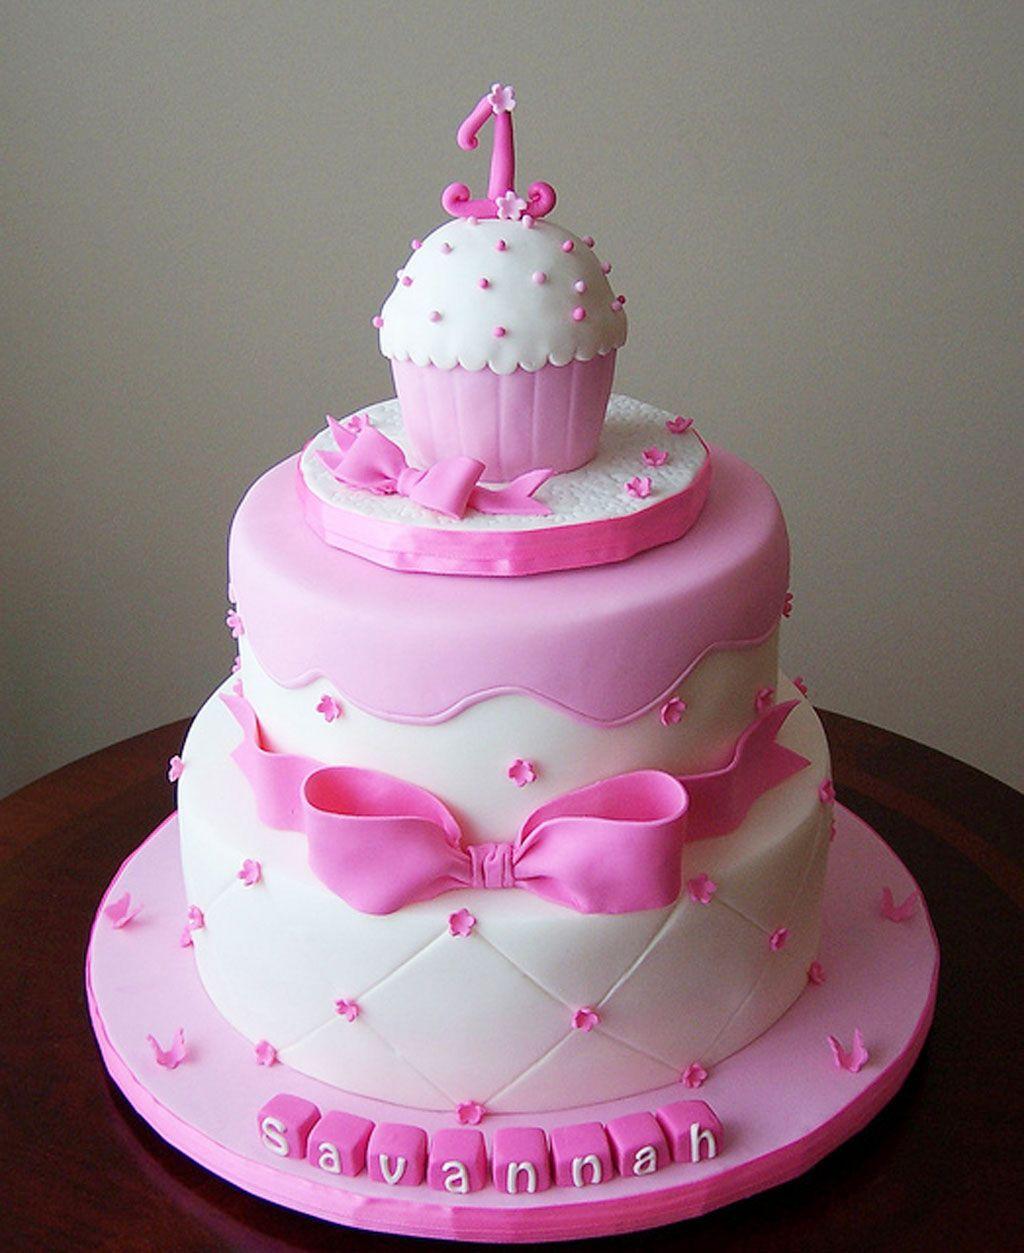 Birthday Cake Gorgeous Cakes Pinterest Birthday Cakes - 1st girl birthday cake